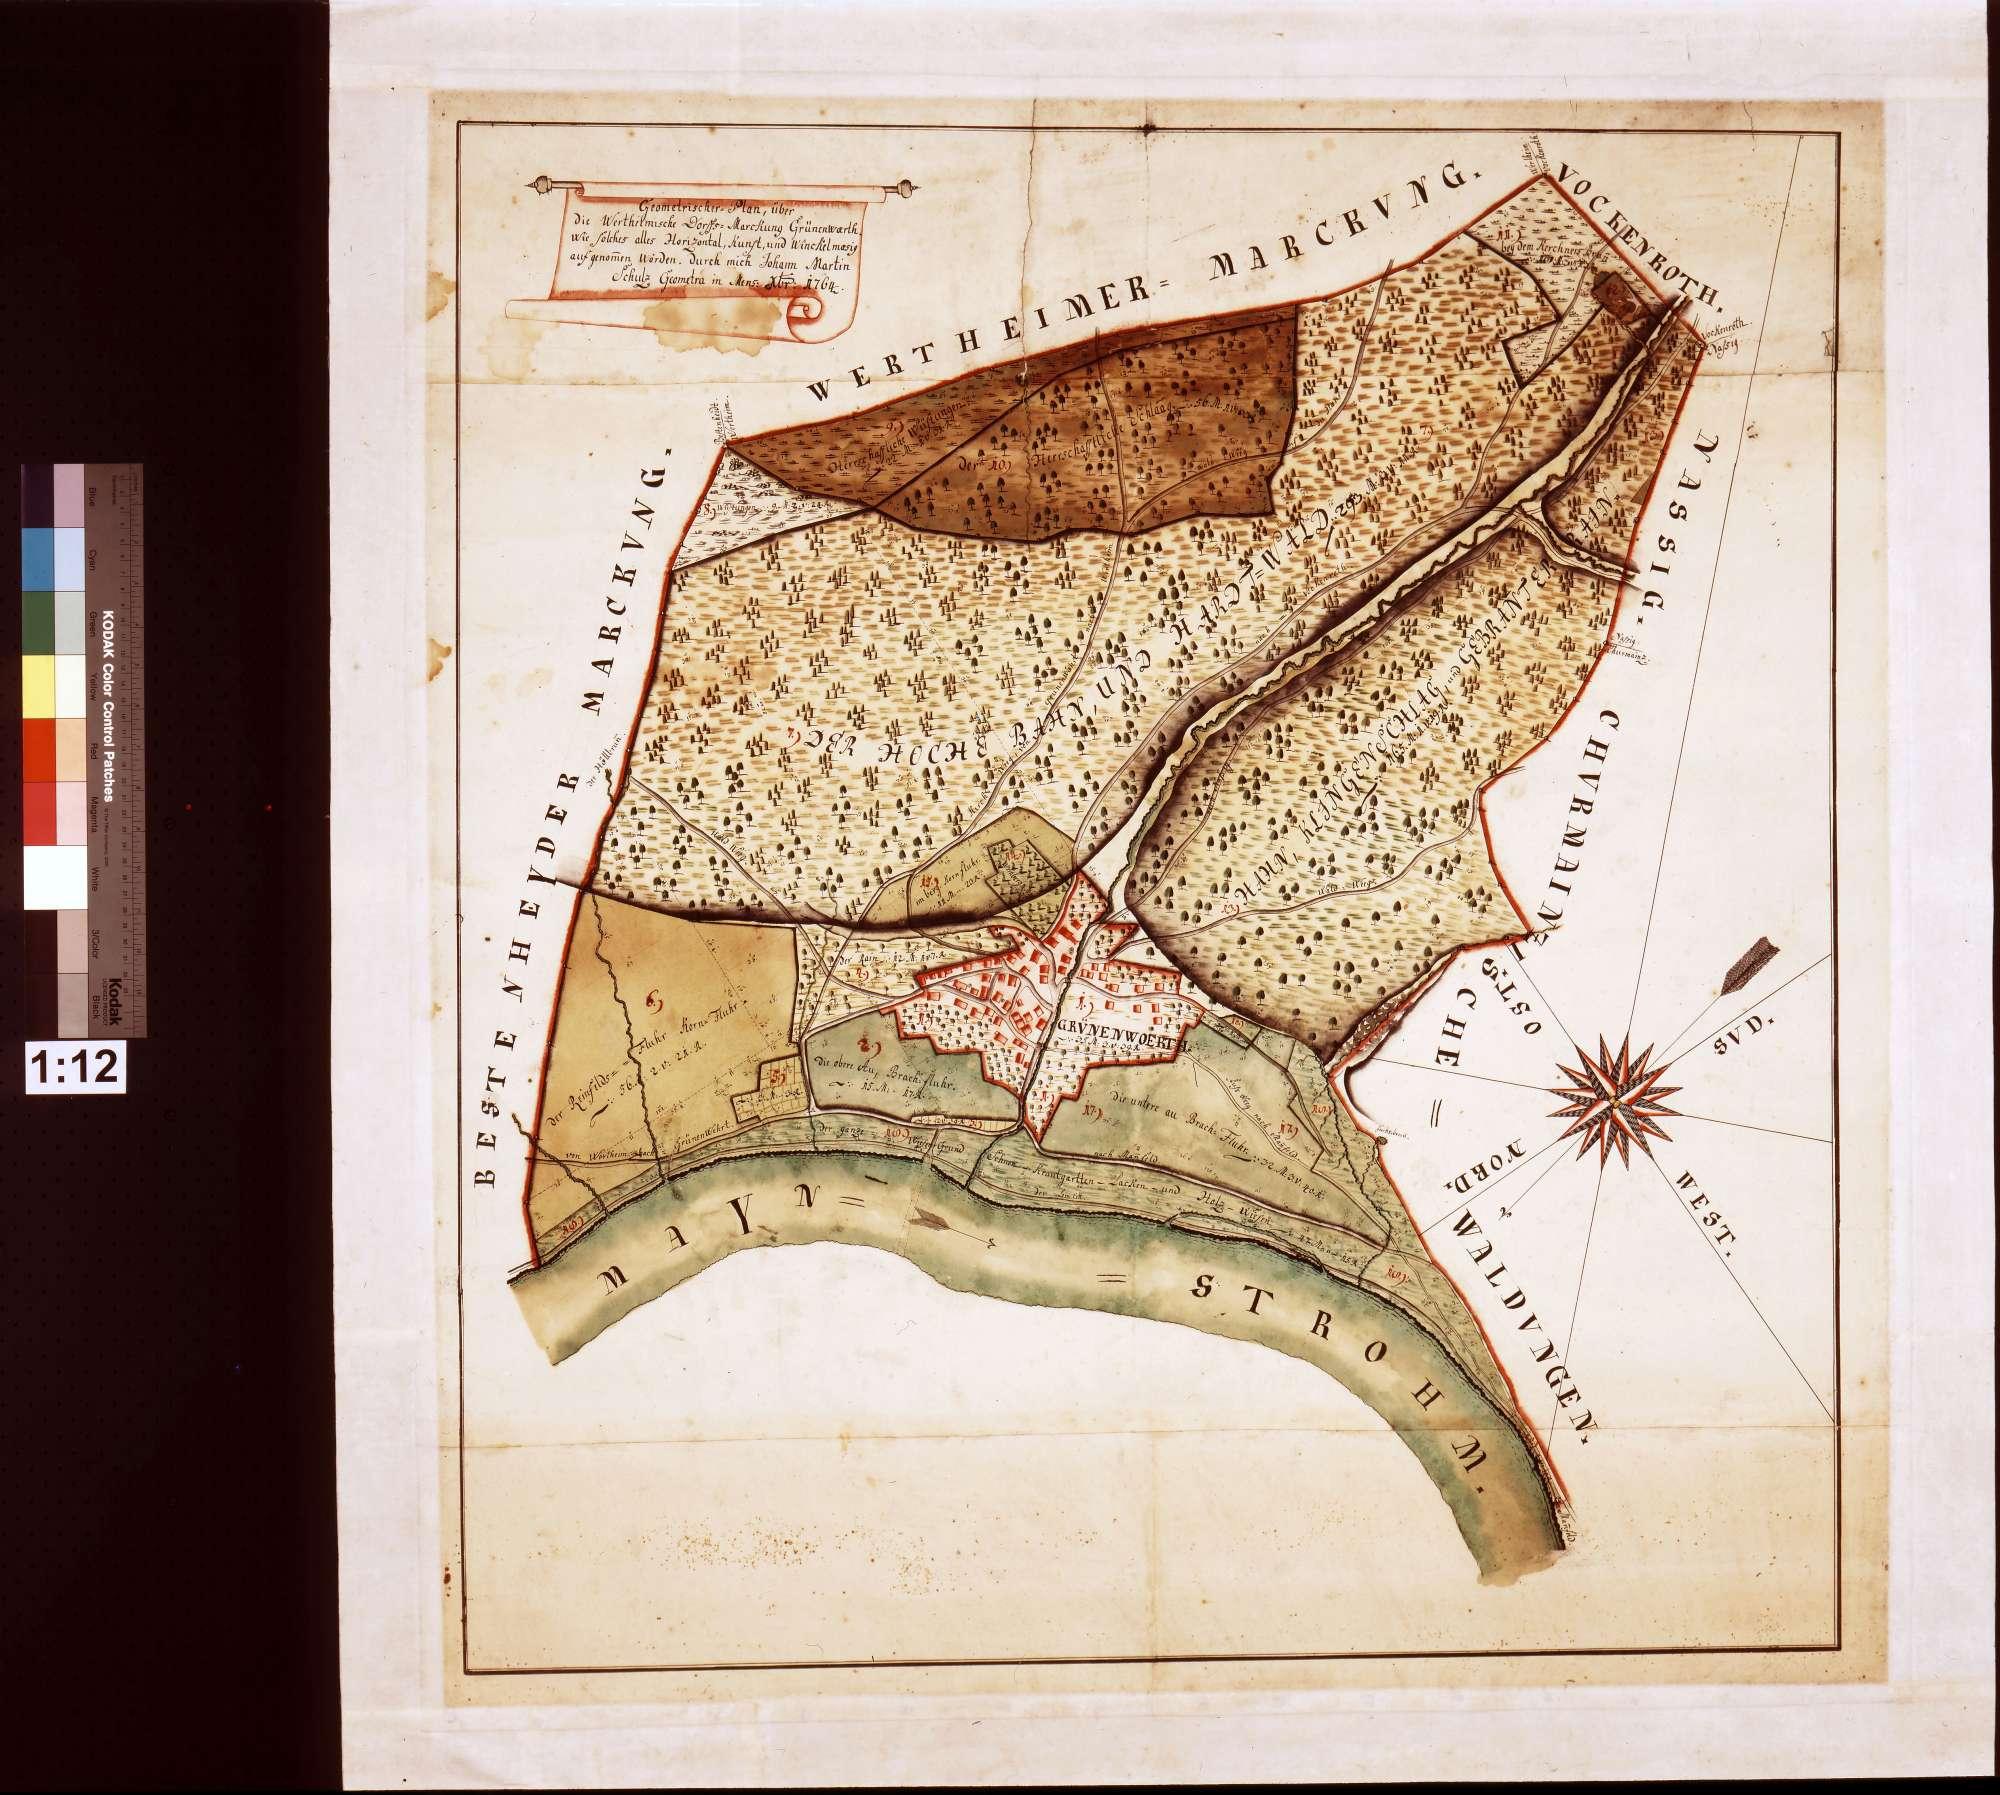 Geometrischer Plan über die wertheimische Dorfsmarkung Grünenwört, wie solches alles horizontalkunst- und winkelmäßig aufgenommen worden (Inselkarte), Bild 1